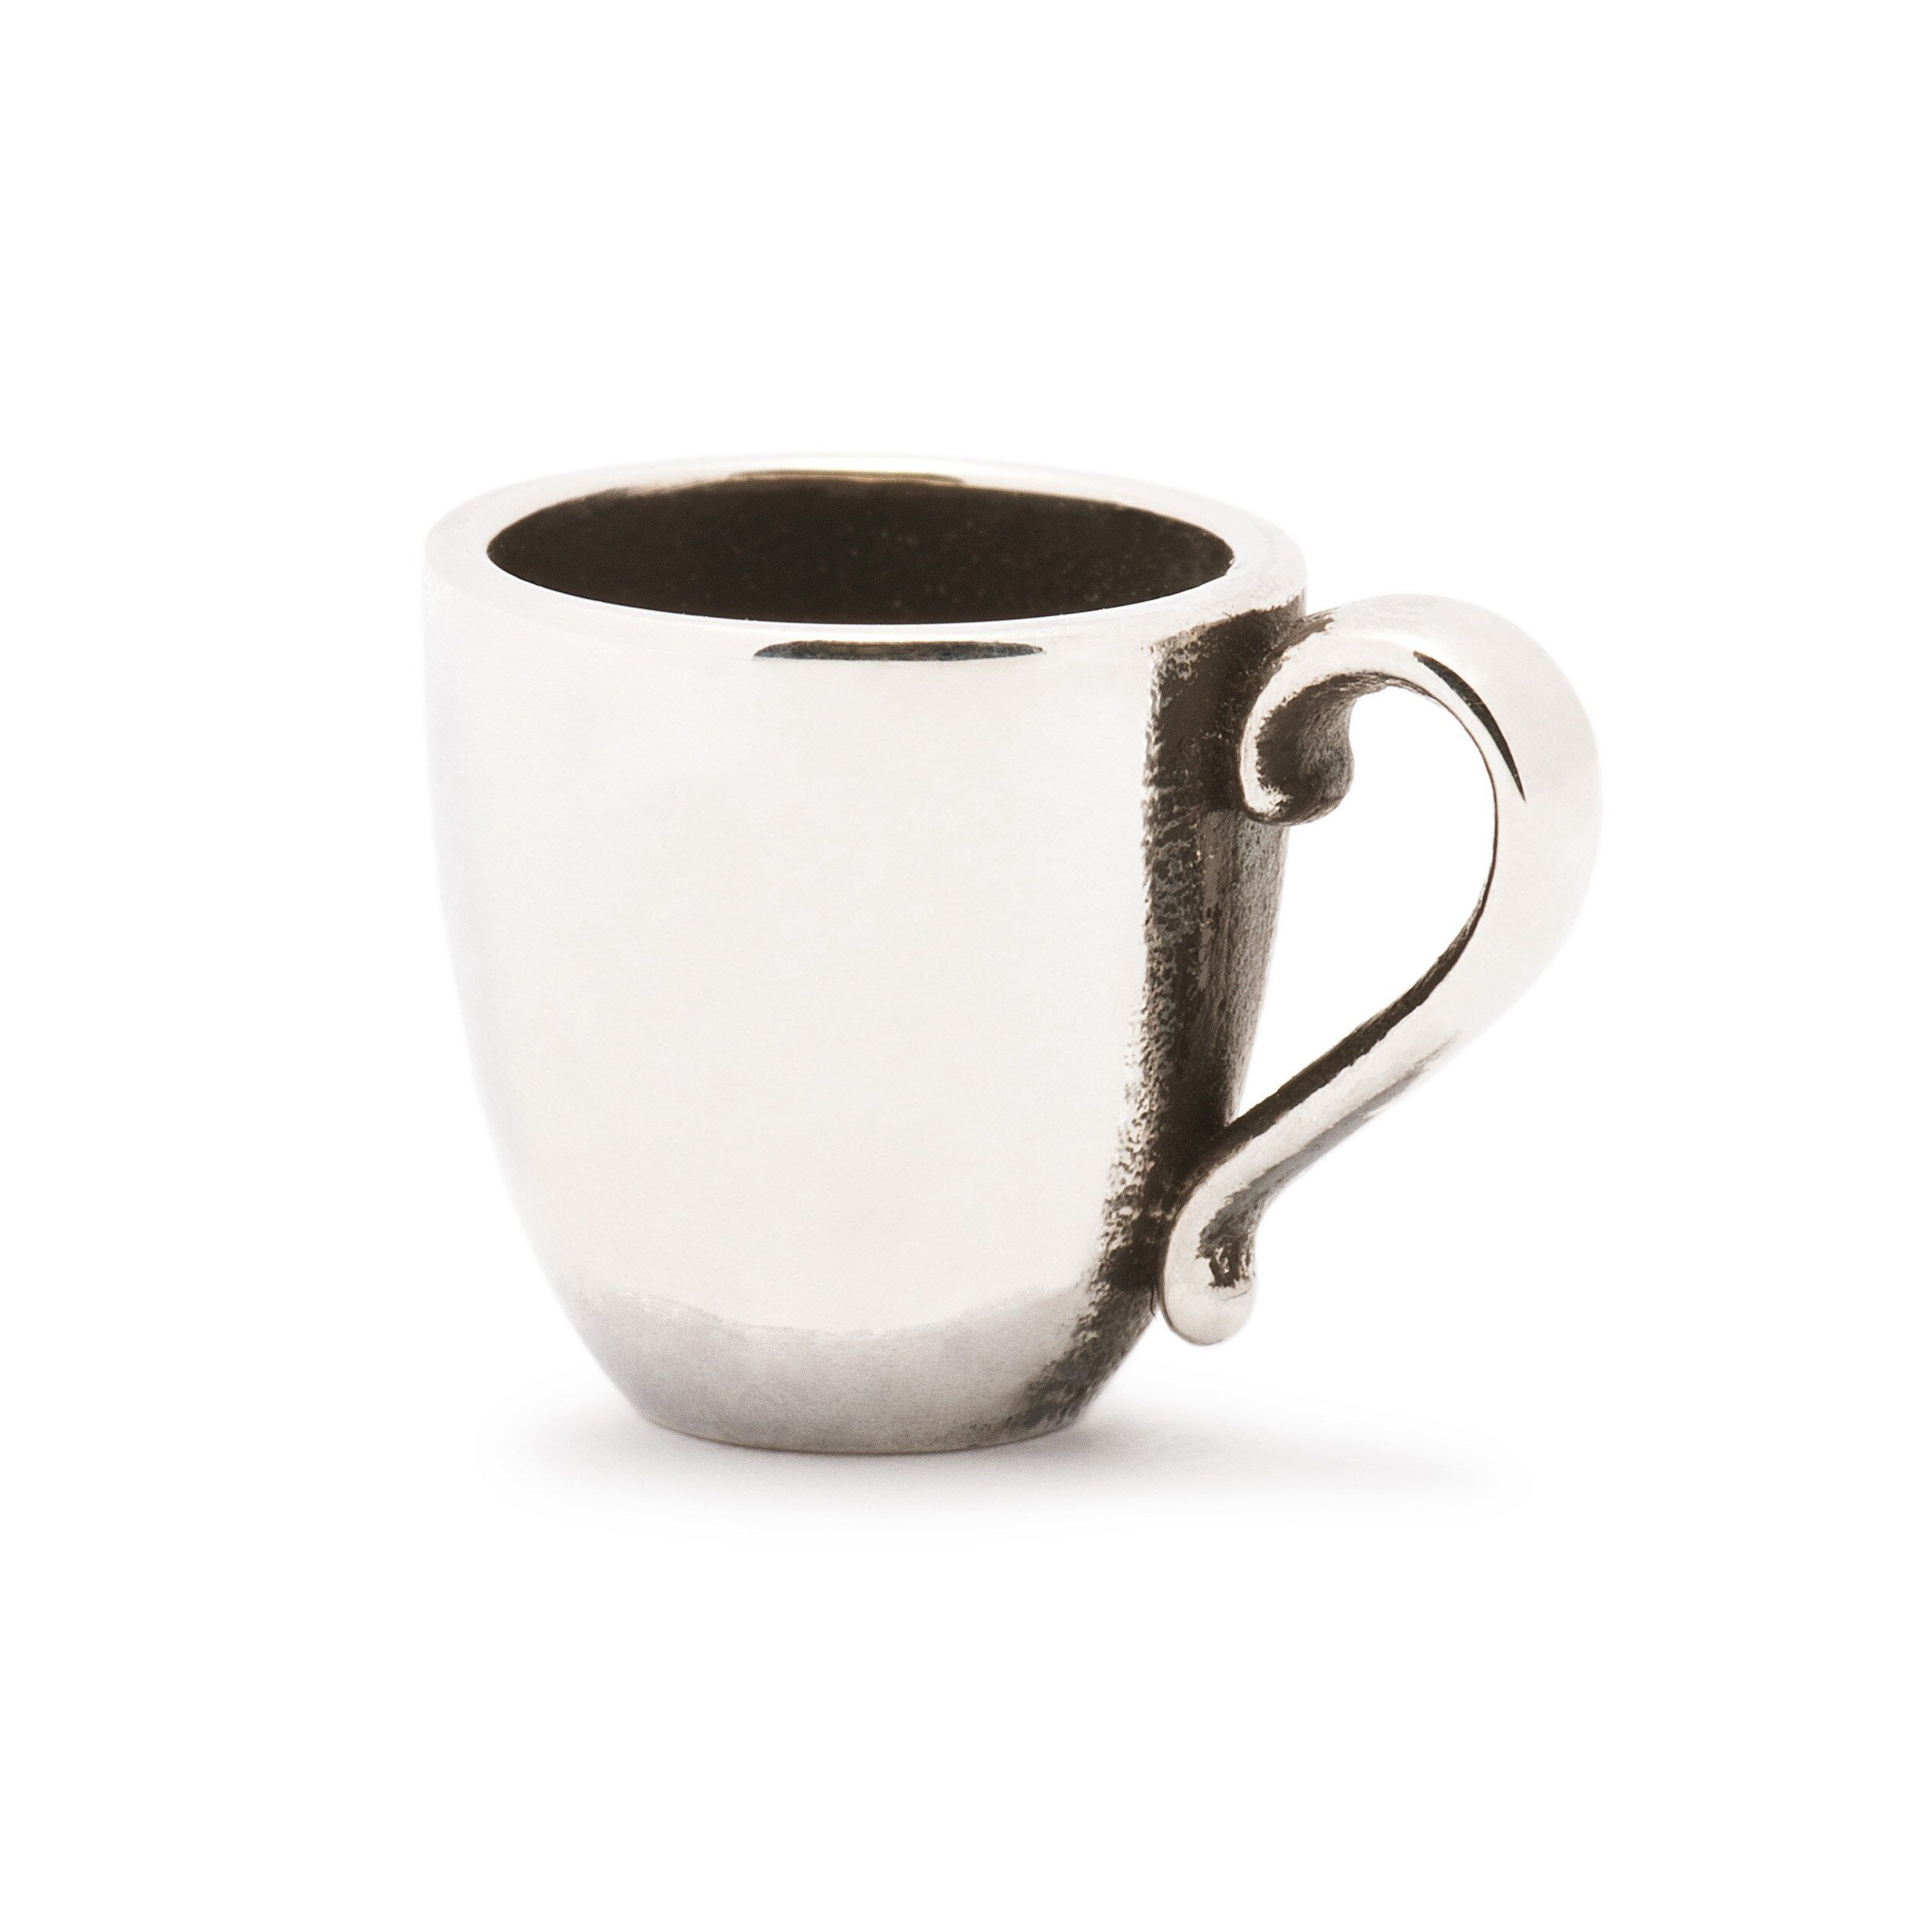 Talisman Cana de Cafea